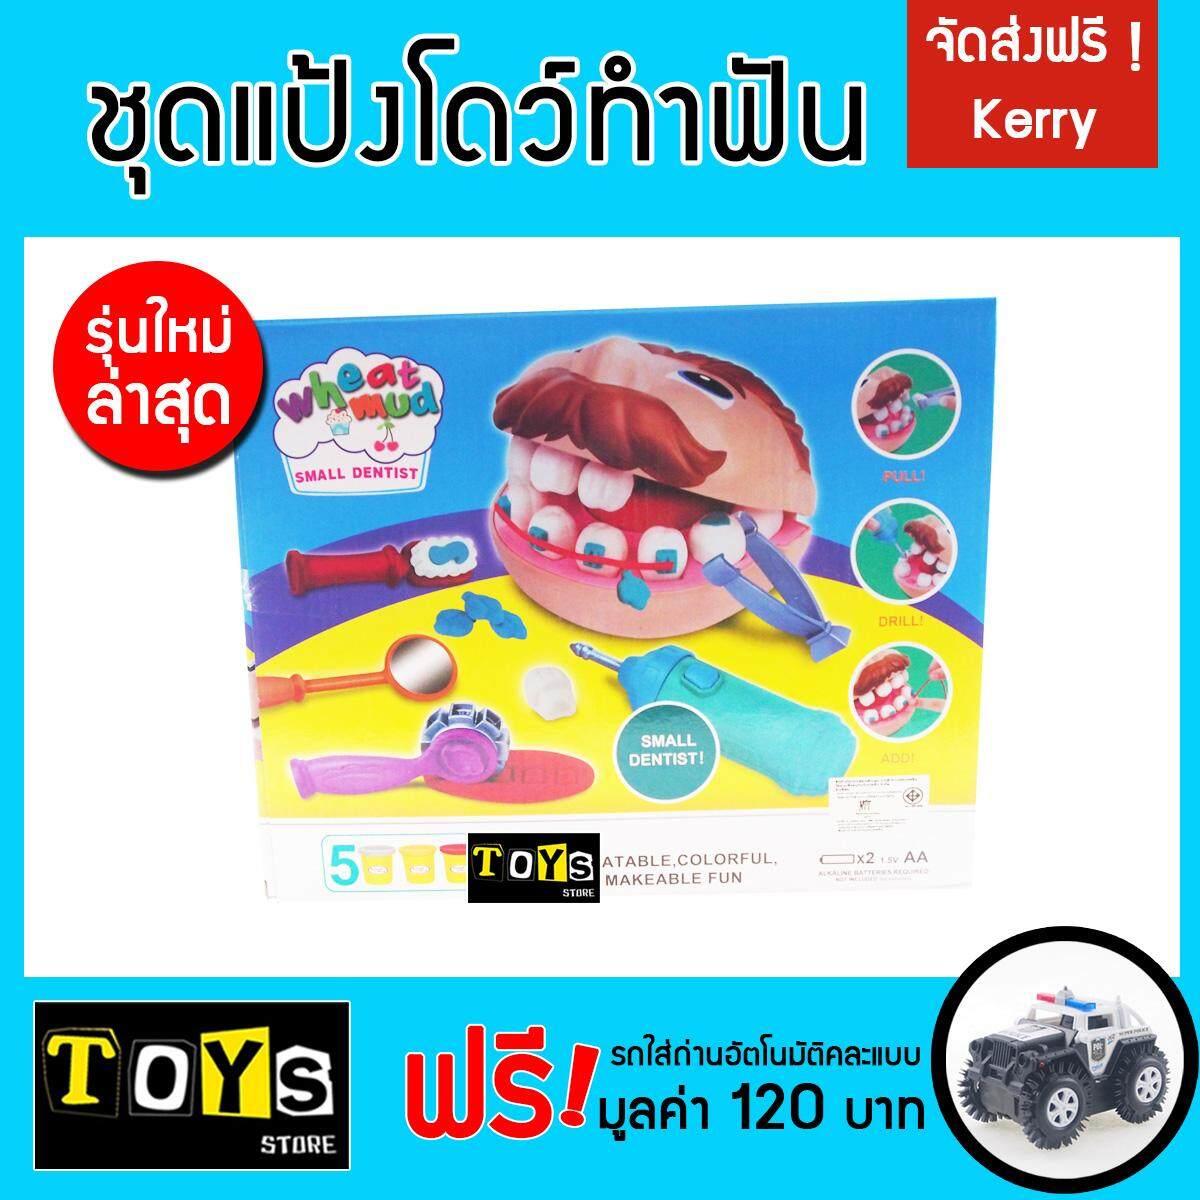 แป้งโดว์ ชุดแป้งโดว์หมอฟัน  แป้งโดว์สำหรับทำฟัน แป้งเด็กเล่น ของเล่นเด็กพร้อมอุปกรณ์ เสริมพัฒนาการเด็ก ส่งฟรี Kerry (ชุดแป้งโดว์หมอฟัน)